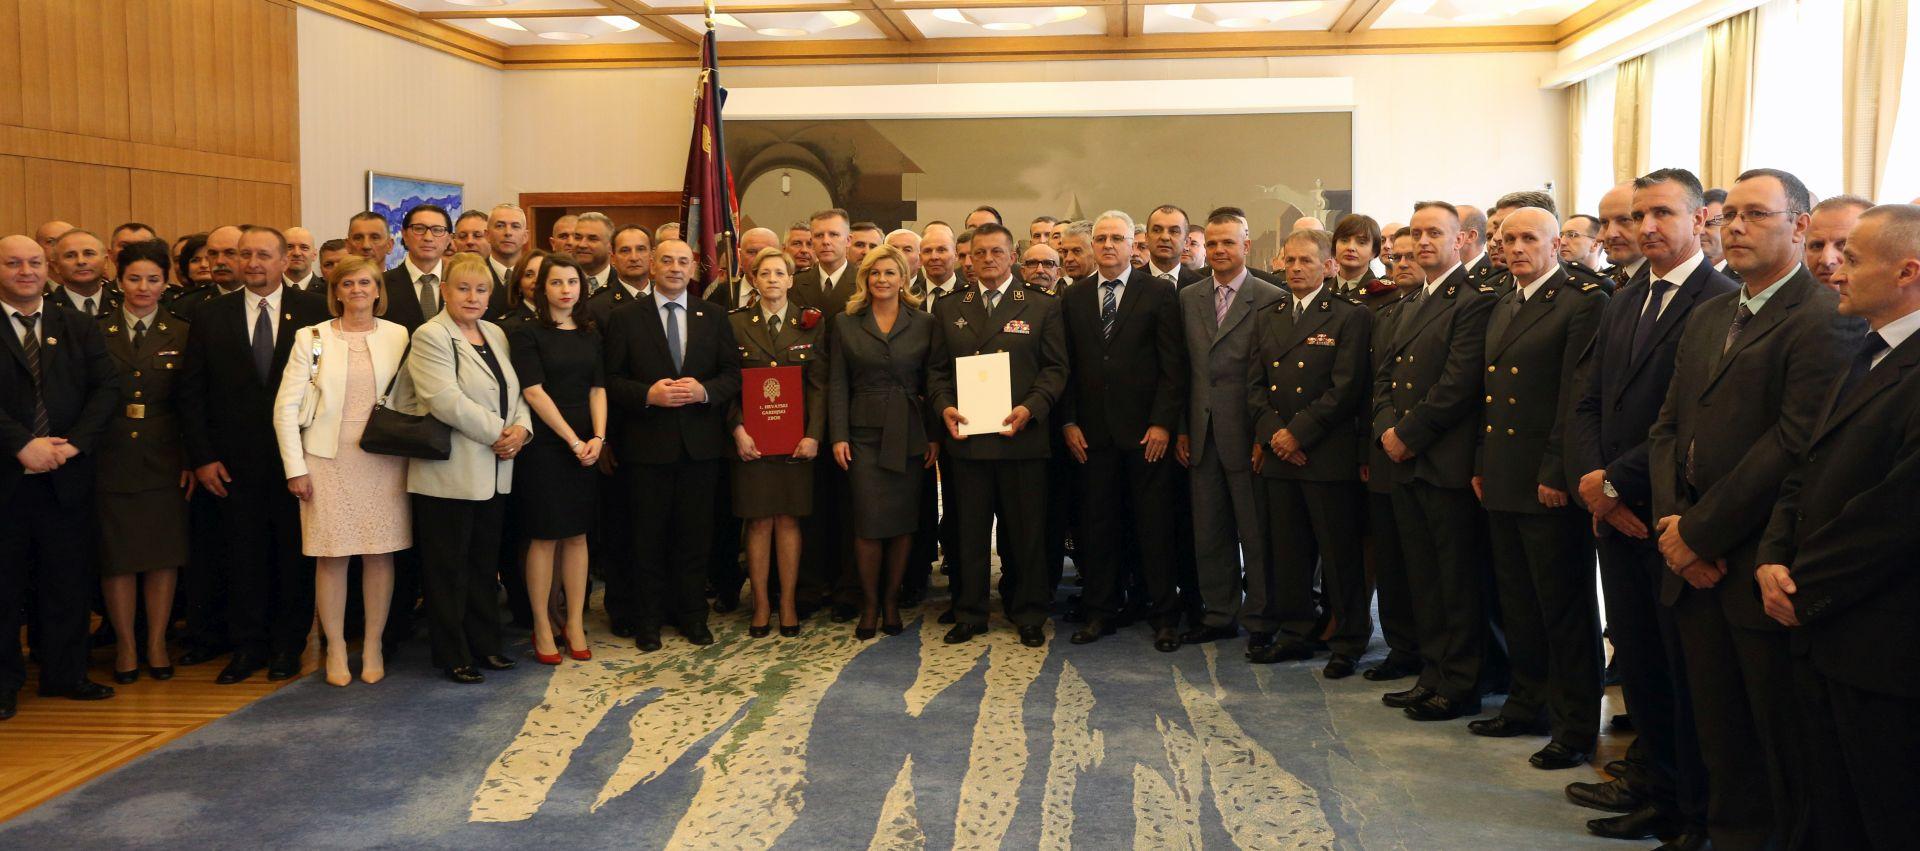 Predsjednica odlikovala 1. Hrvatski gardijski zbor za hrabrost i junaštvo